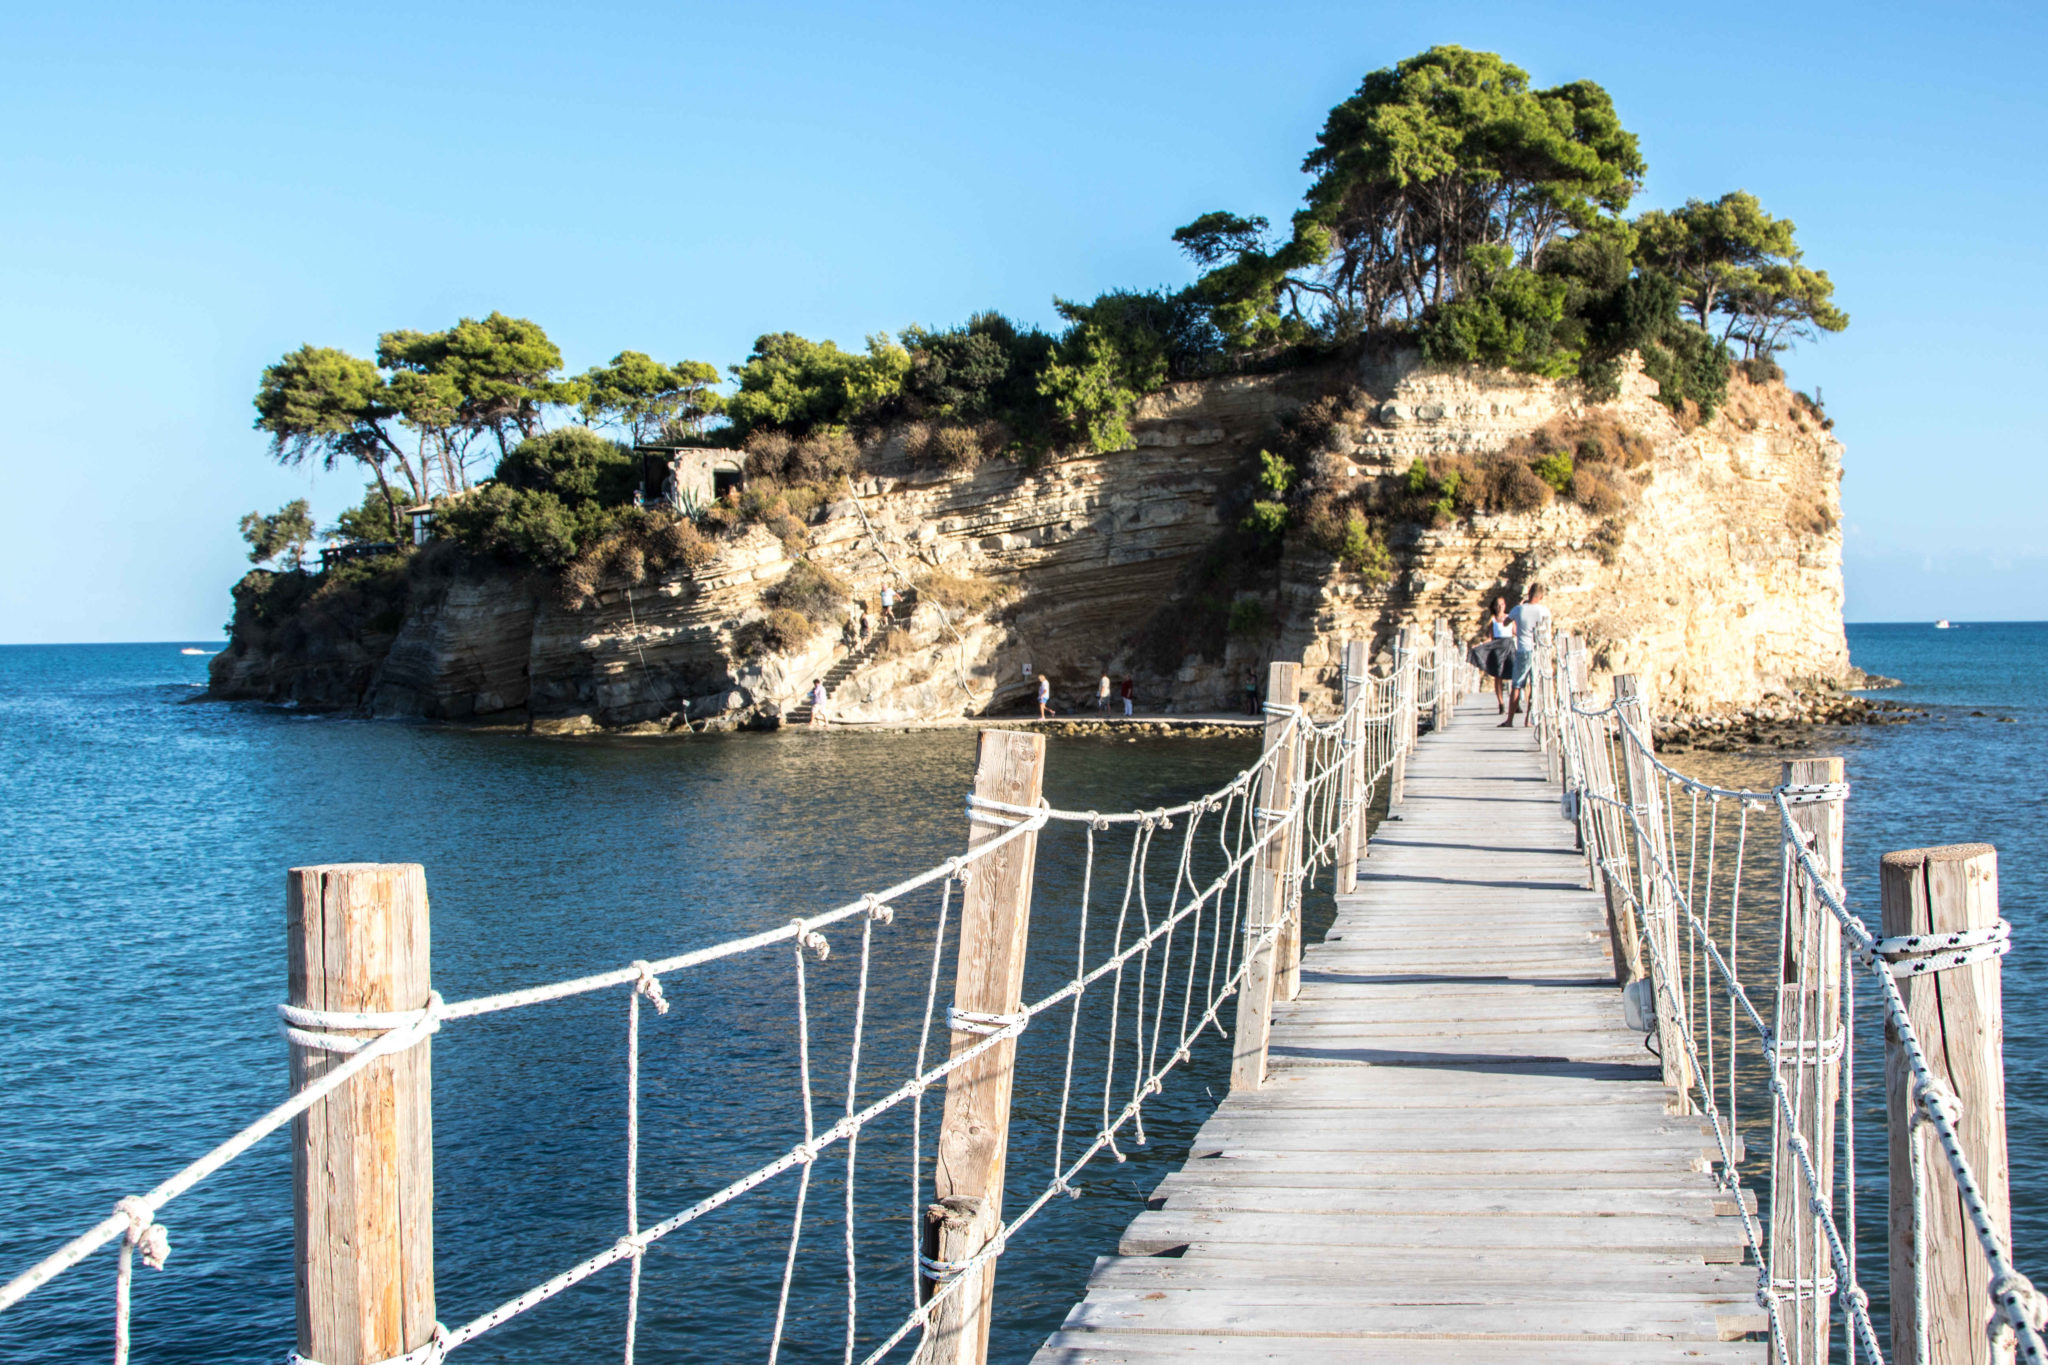 Ślub na greckiej wyspie – opcja warta rozważenia?